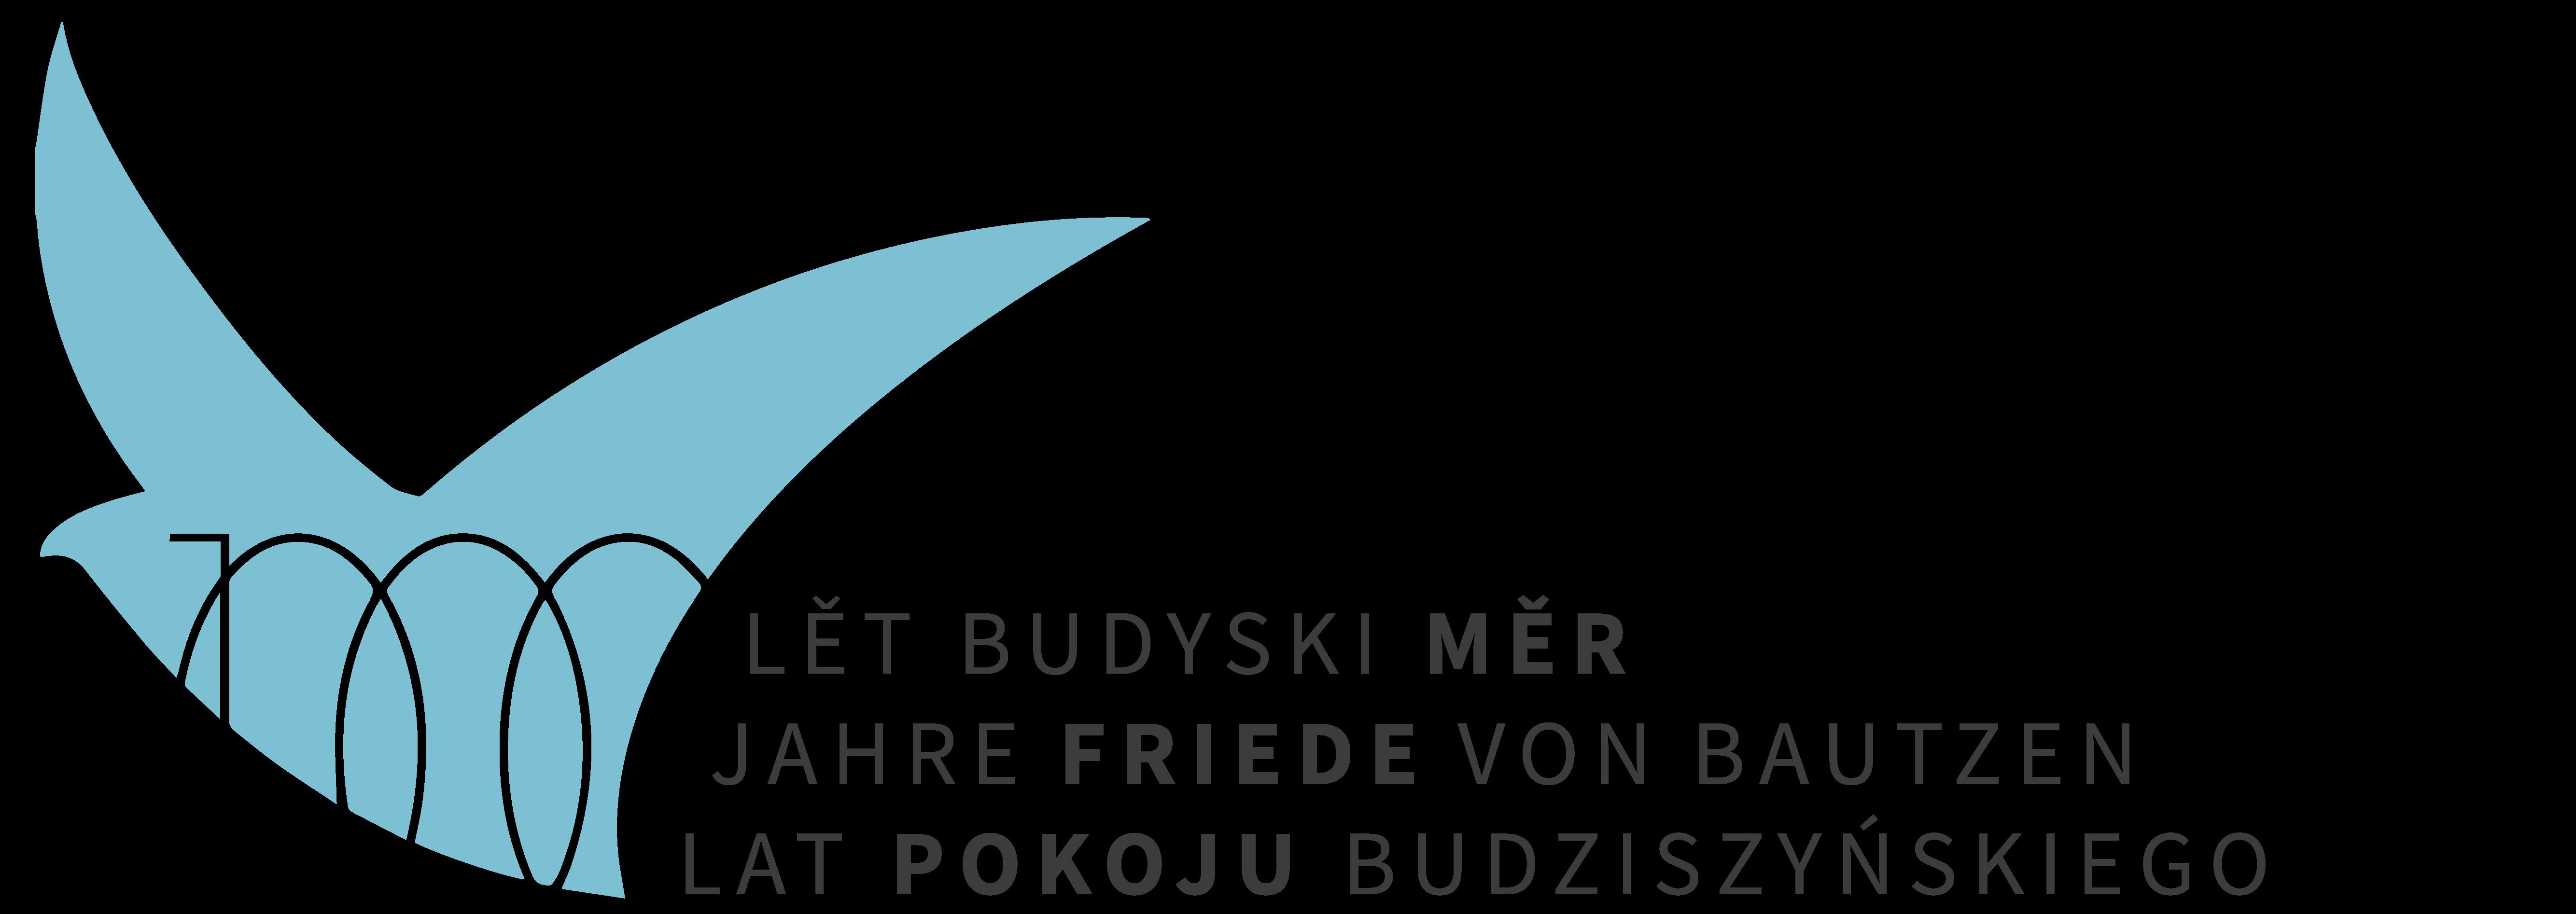 Friede von Bautzen